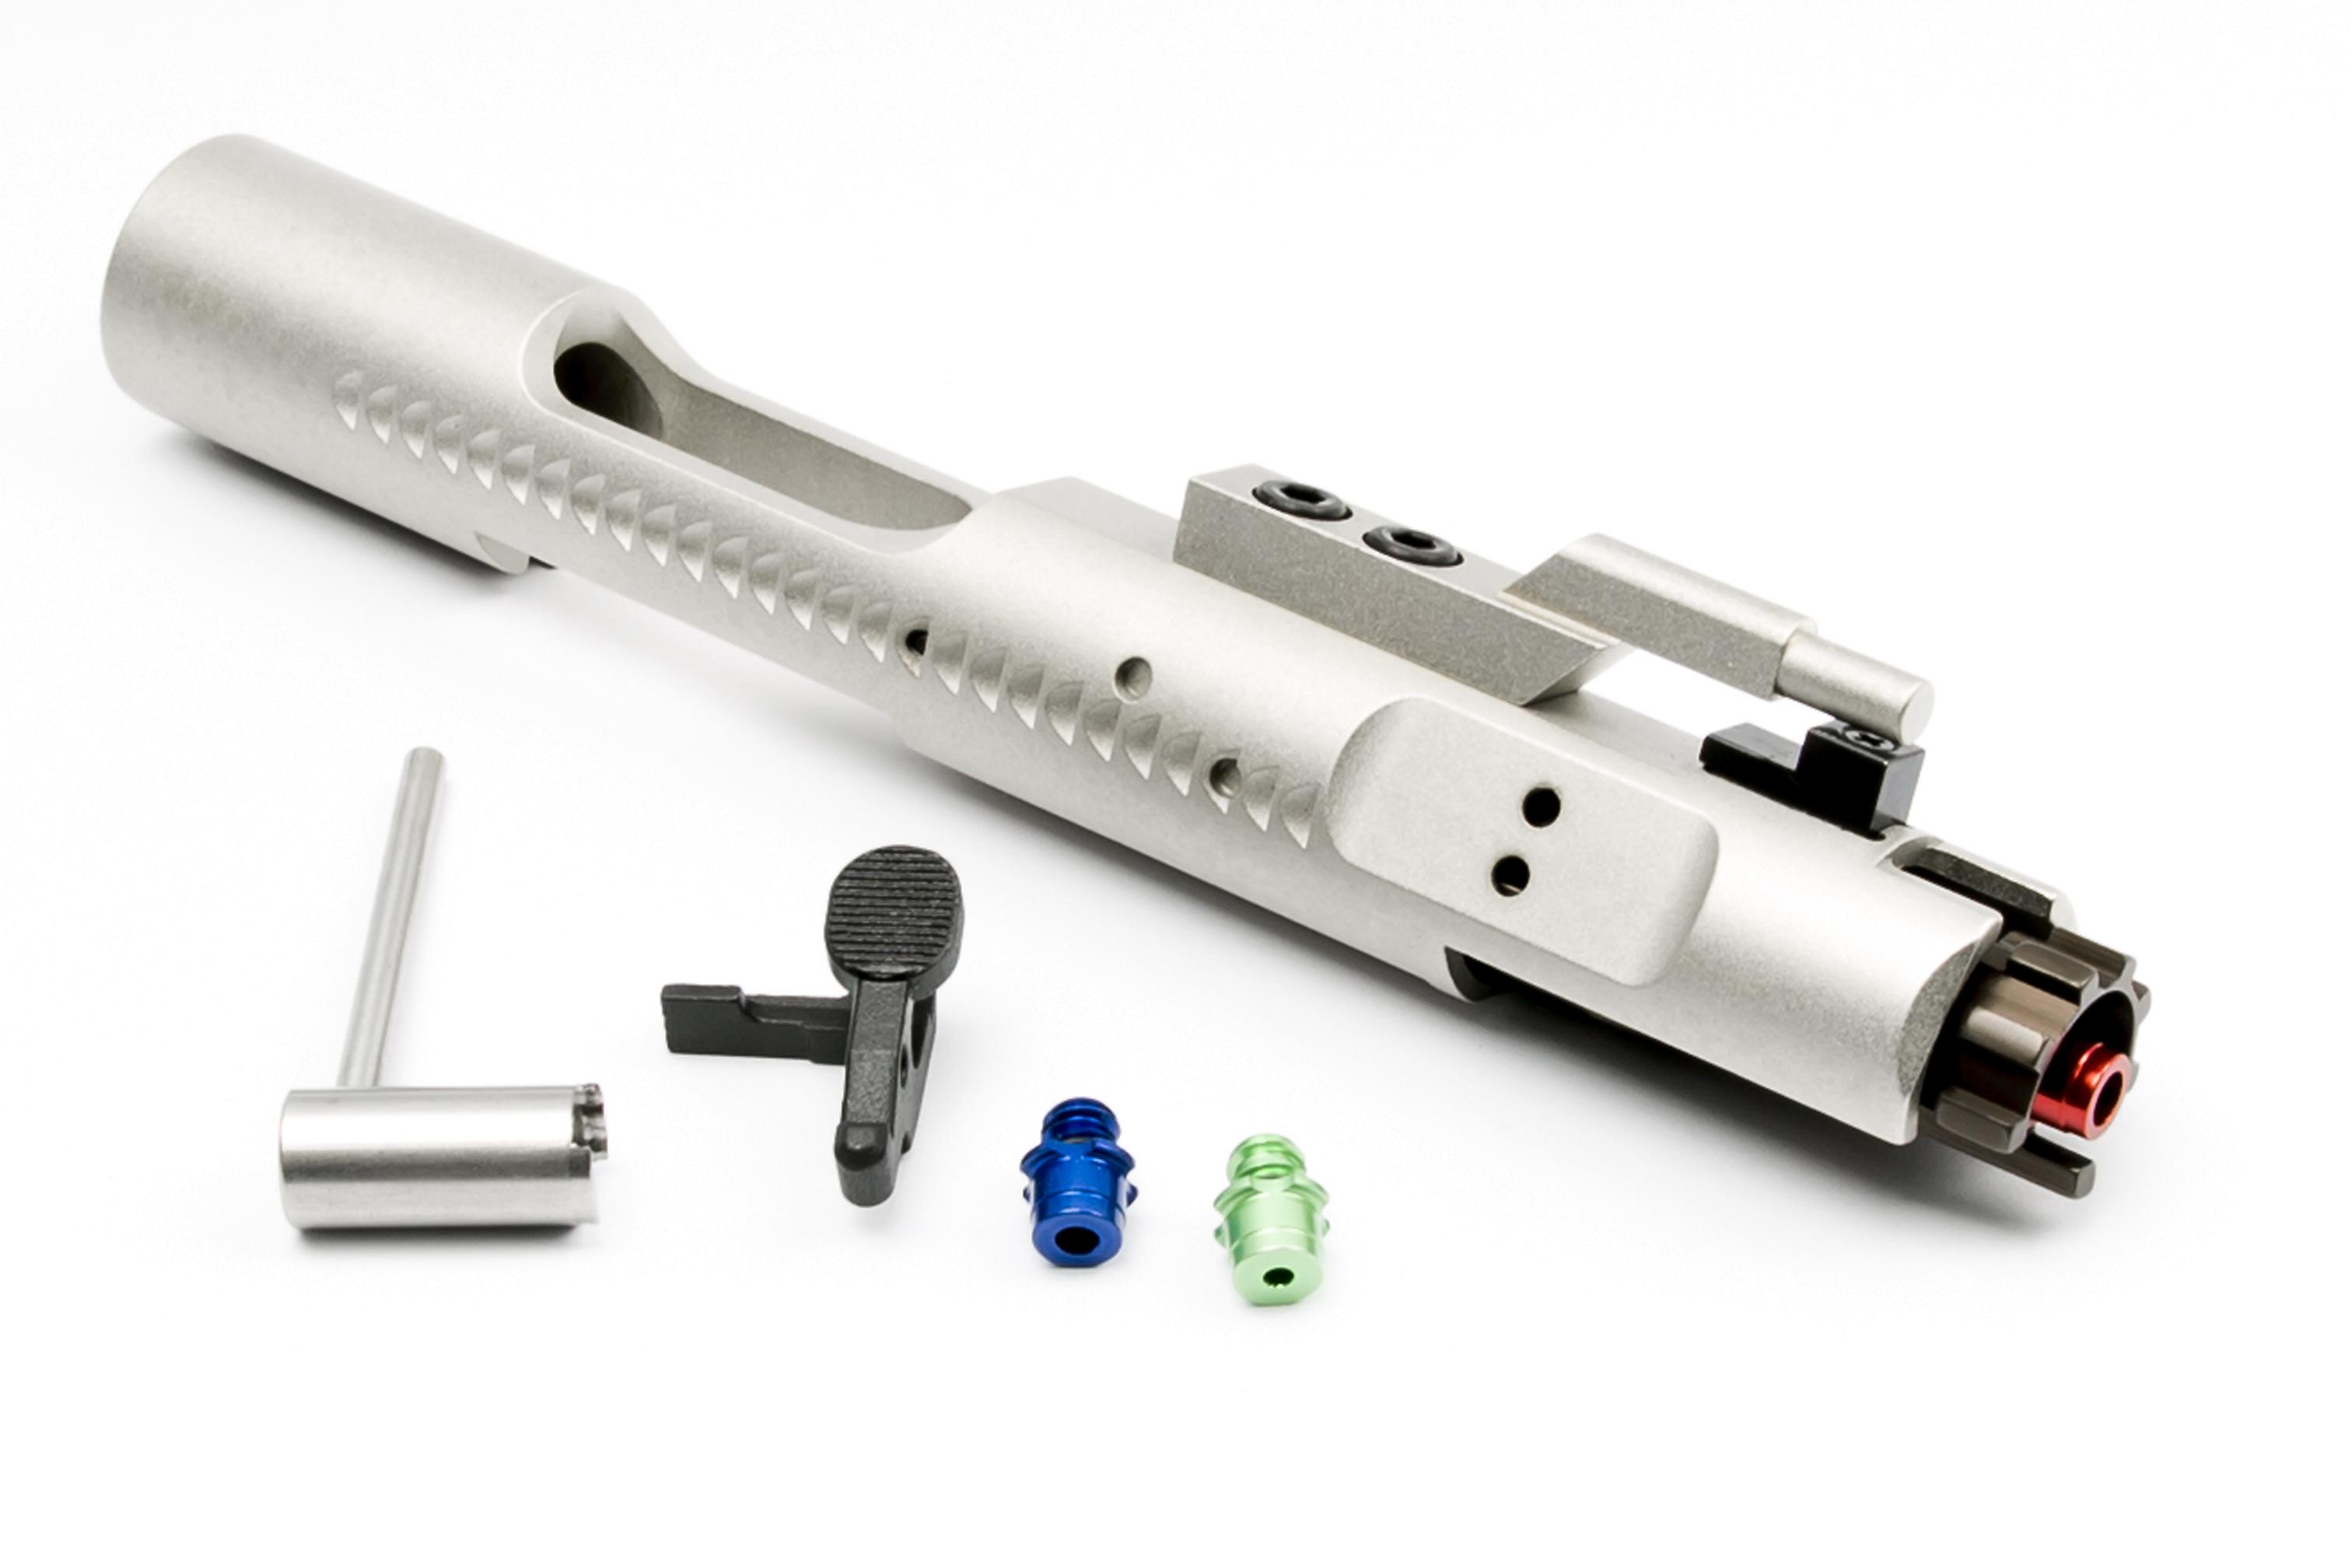 RA-TECH スチールCNC コンプリートボルトキャリア マグネティックロックノズルVer. WE M4/M16対応 SV